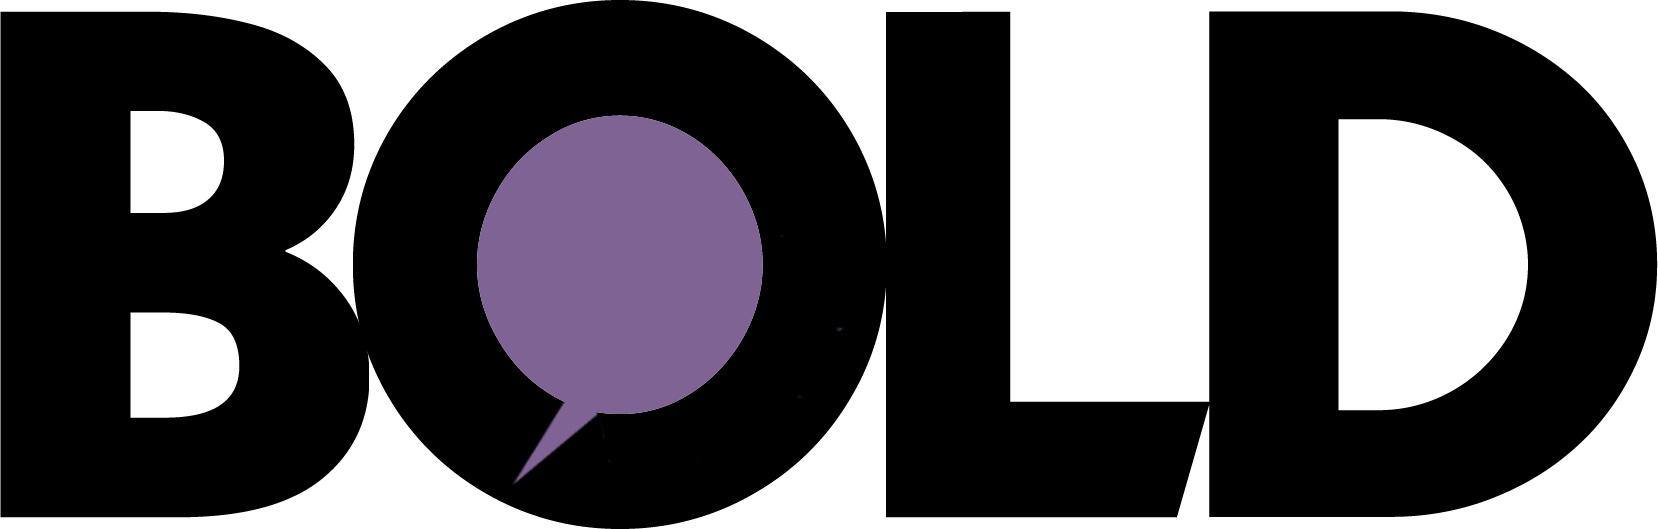 Bold Global.jpg